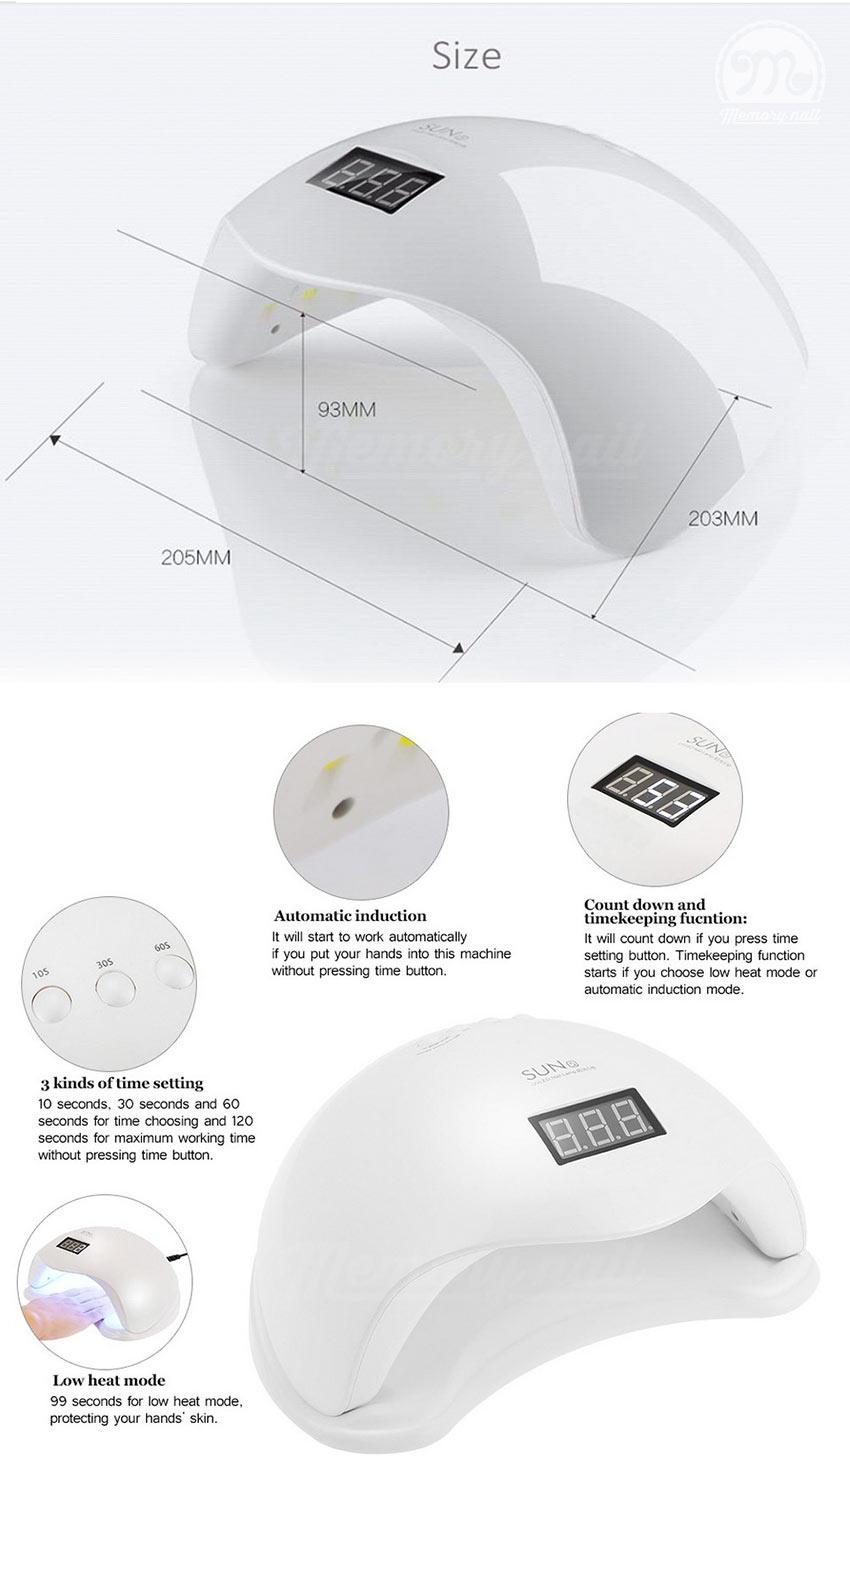 เครื่องอบเจล LED SUN 5,LED SUN 5,เครื่องอบเจล,LED SUN,เครื่องอบสีเจล,ที่อบสีเจล,อบเจล,อบสีเจล